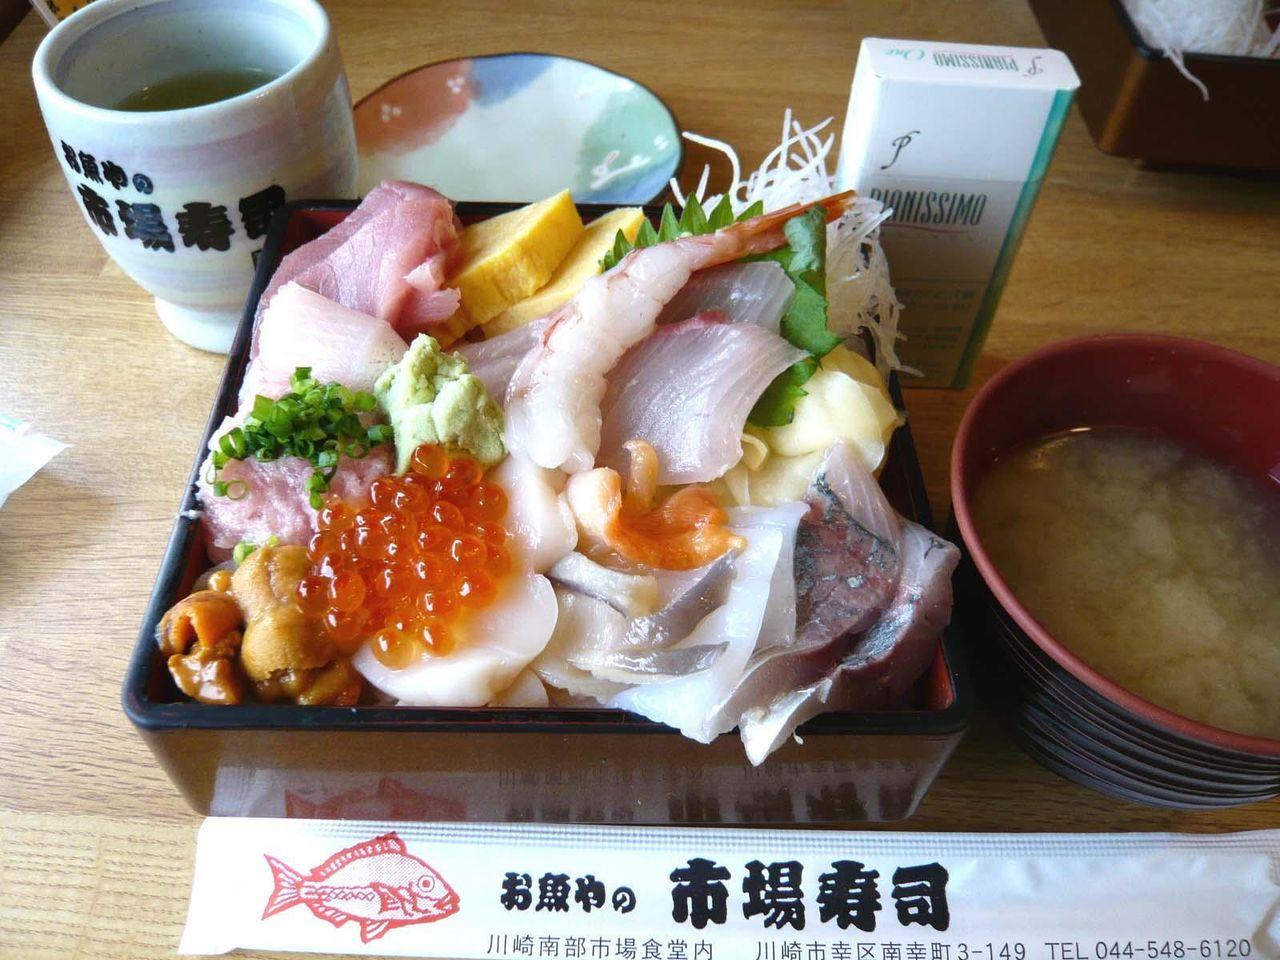 人気メニューの上海鮮丼(大盛)1,575円